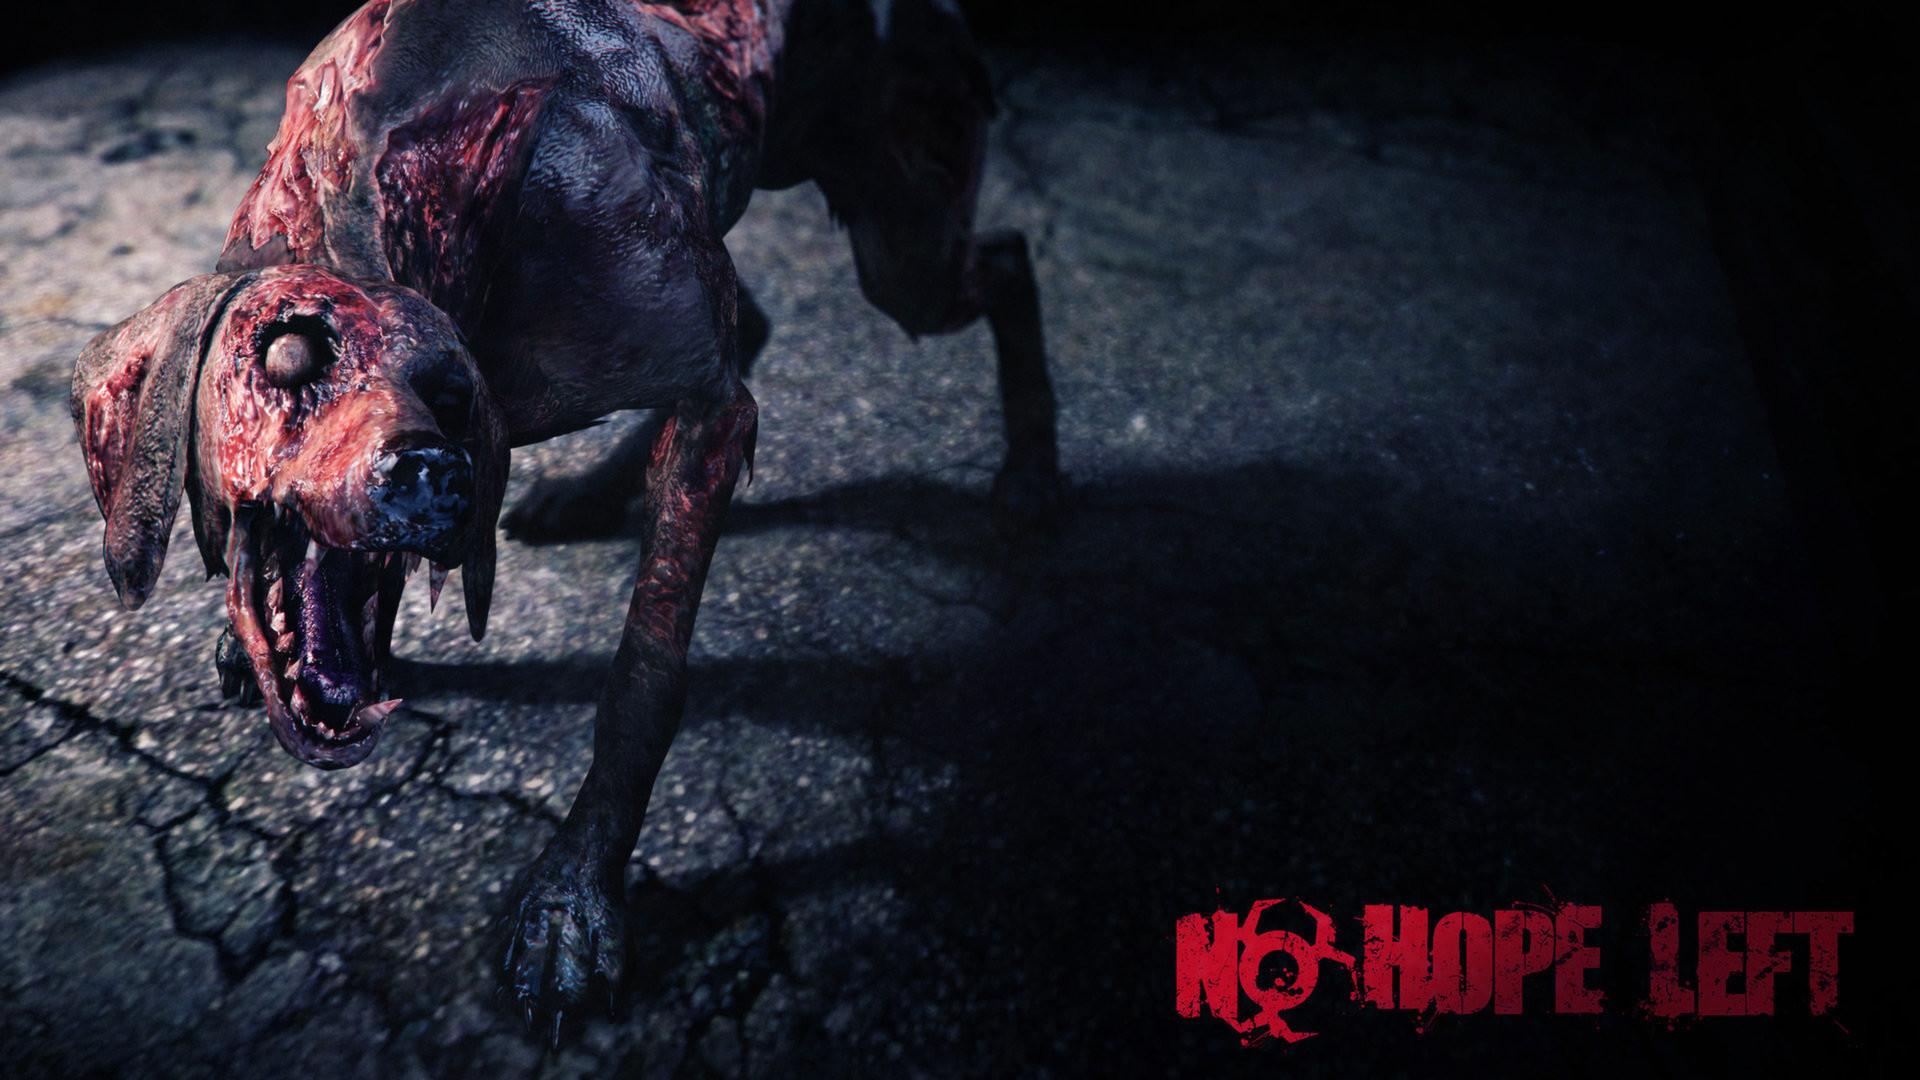 Image Resident Evil Resident Evil 6 Dogs Zombie Roar